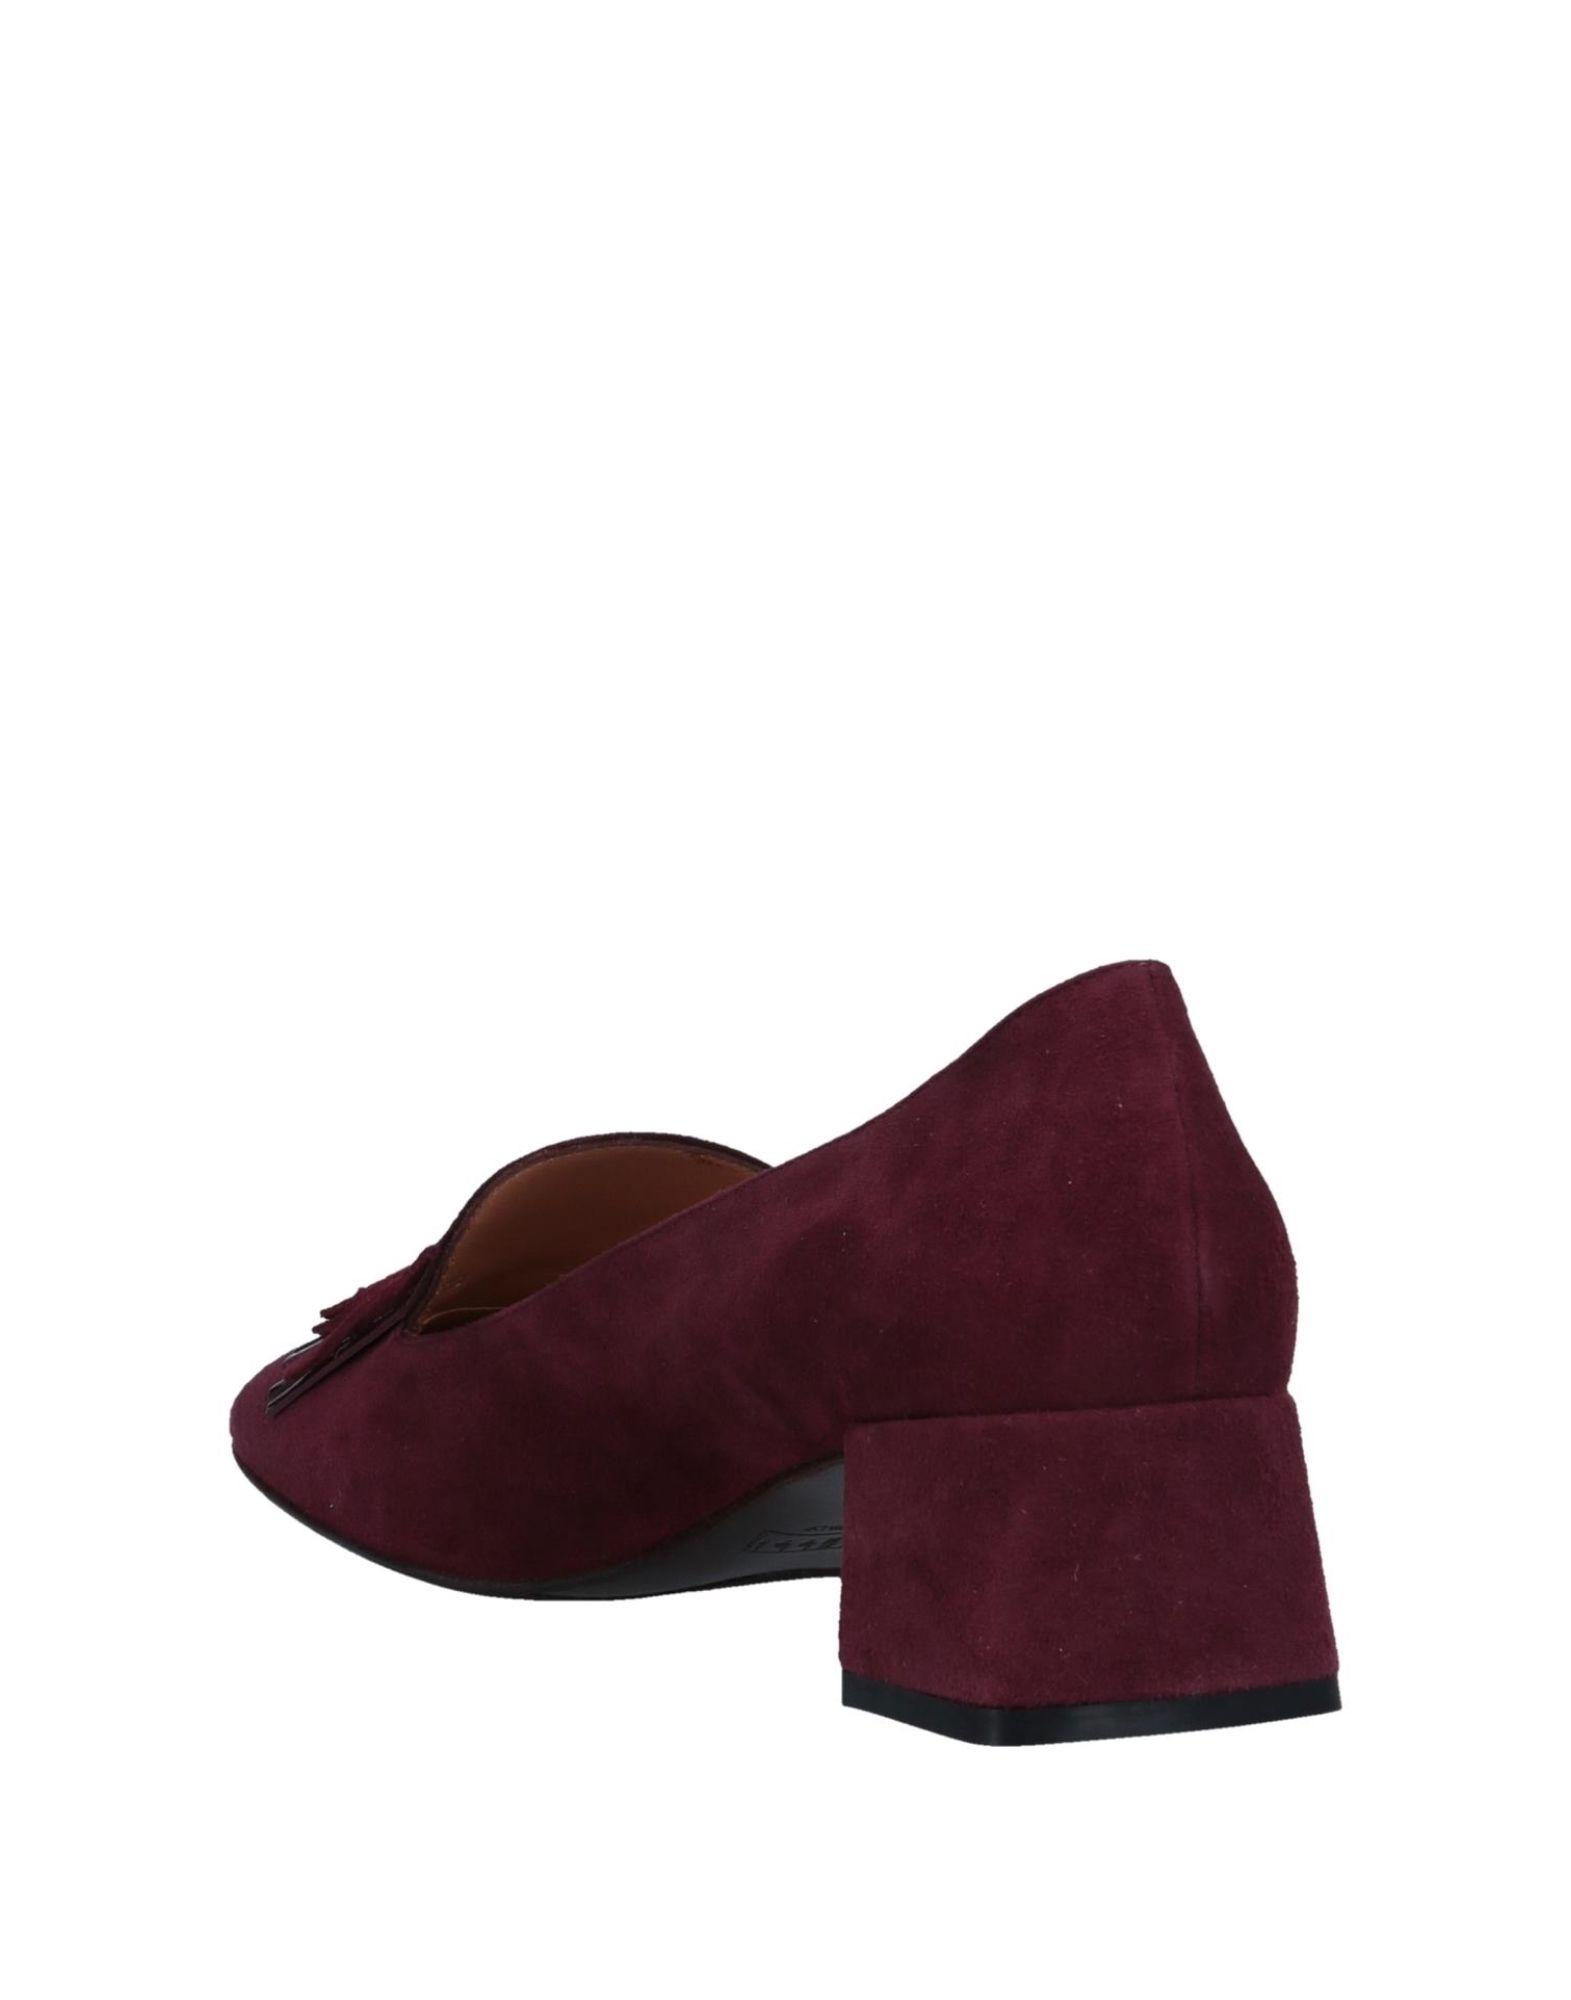 Rabatt Schuhe  Fratelli Rossetti Mokassins Damen  Schuhe 11550459LH 1a95d6